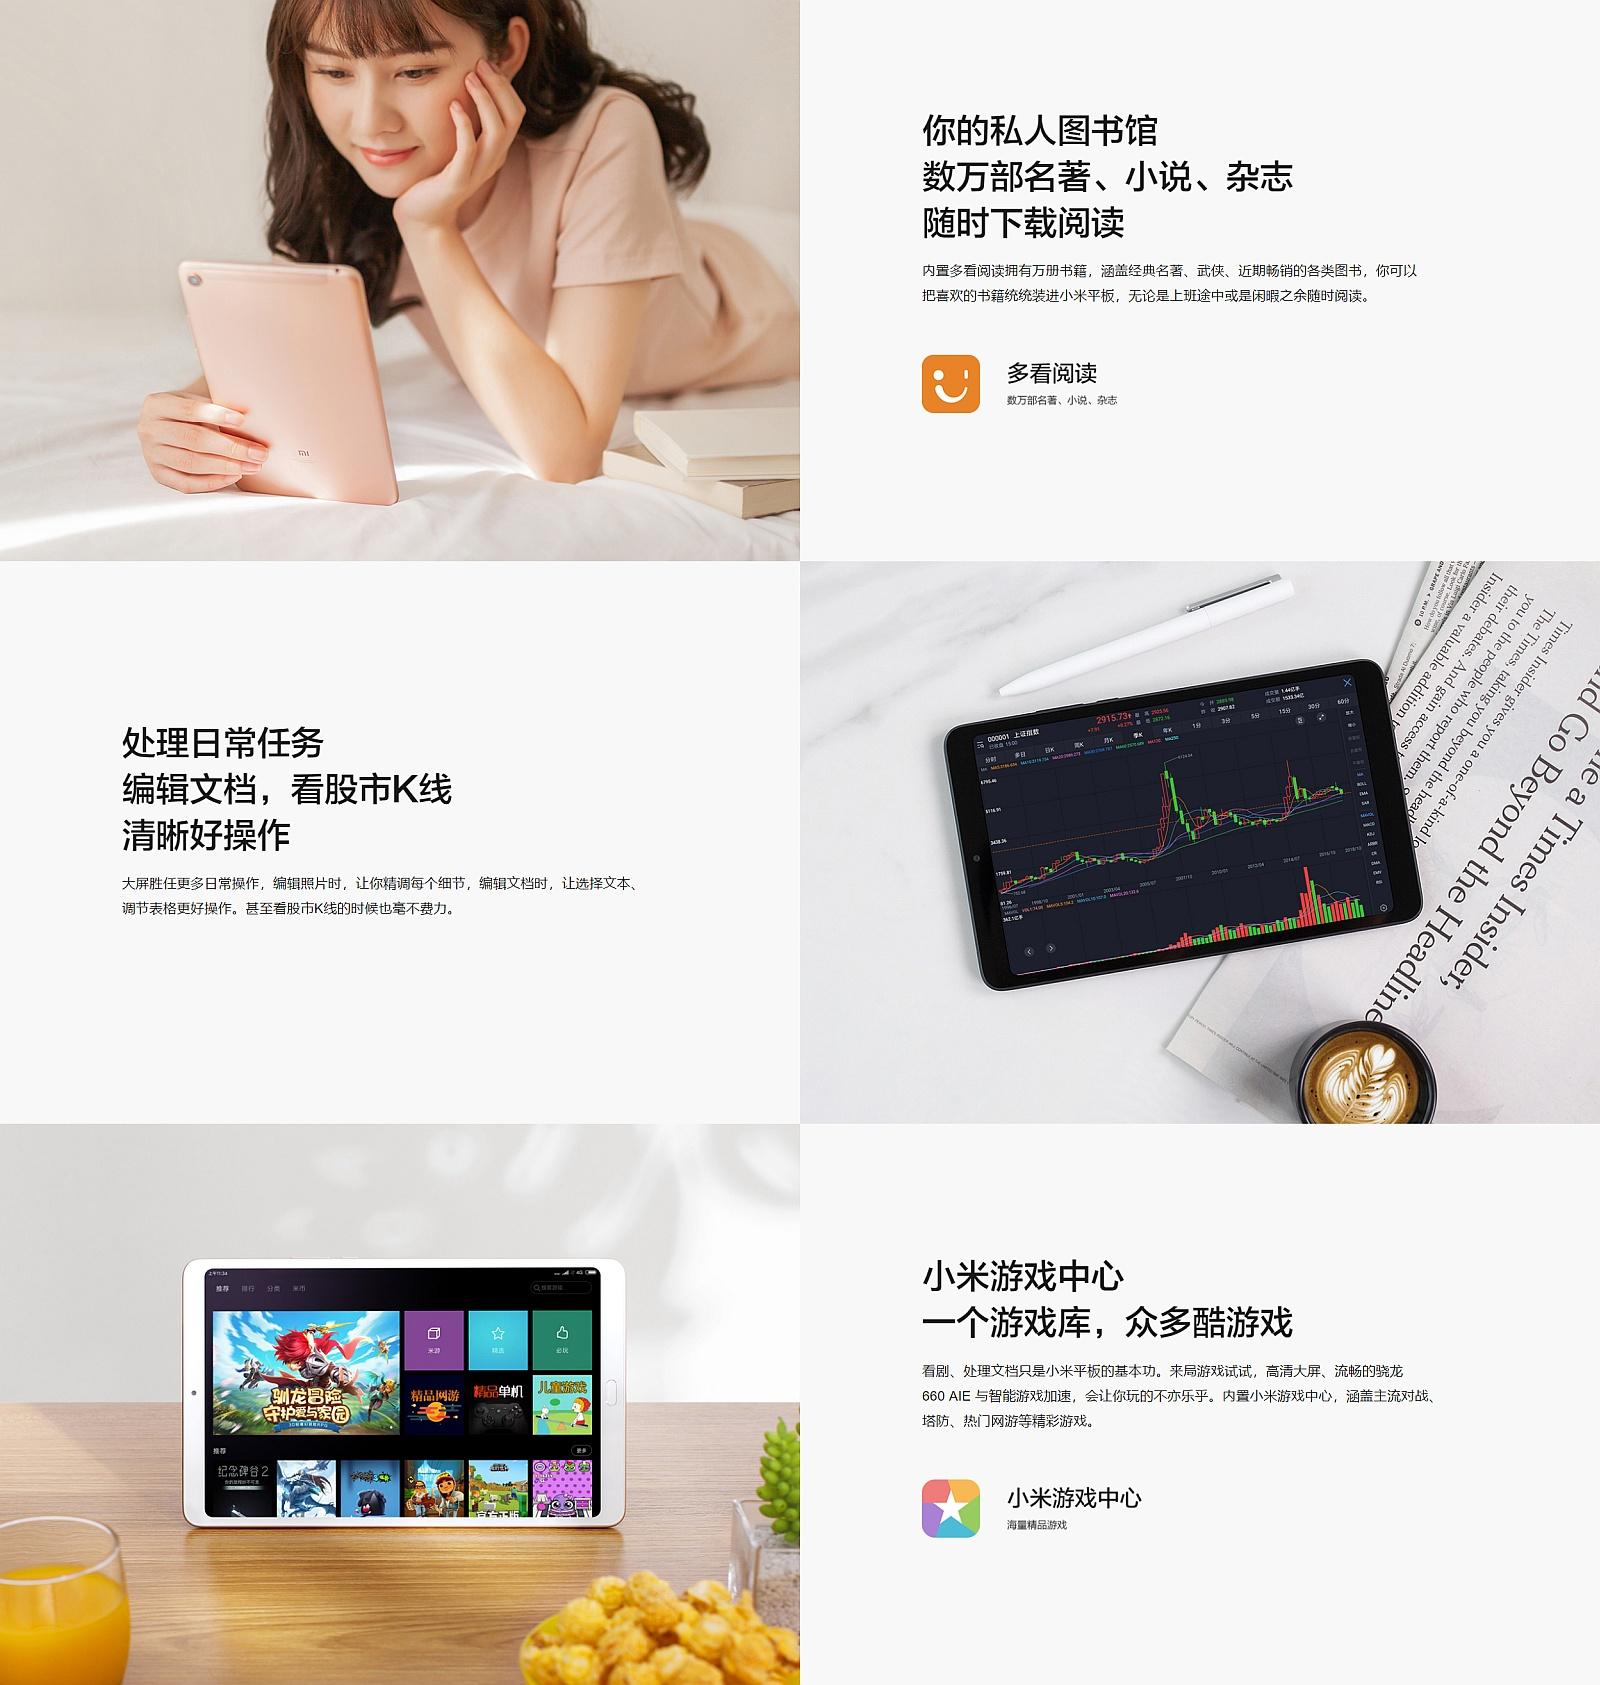 Informacje o Xiaomi Mi Pad 4 z oficjalnej strony producenta